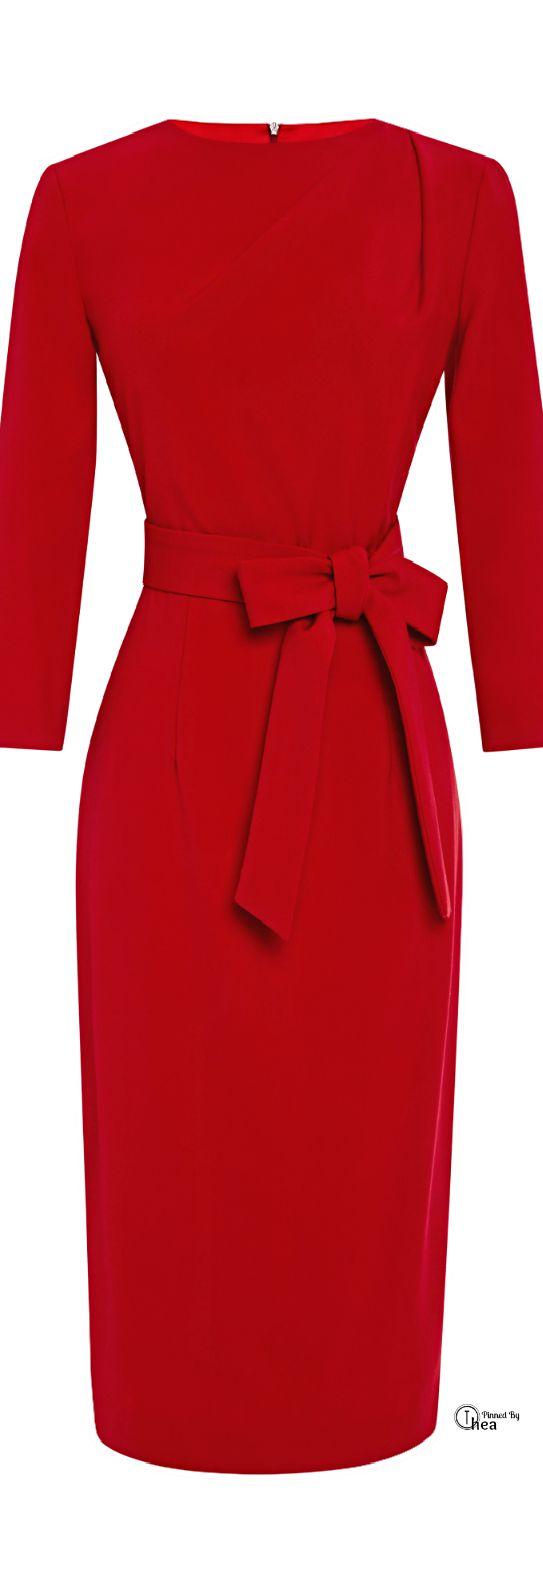 Lady in red - ein rotes Kleid gehört in jeden Kleiderschrank jeder Lady 40 und 50plus - www.image50plus.de